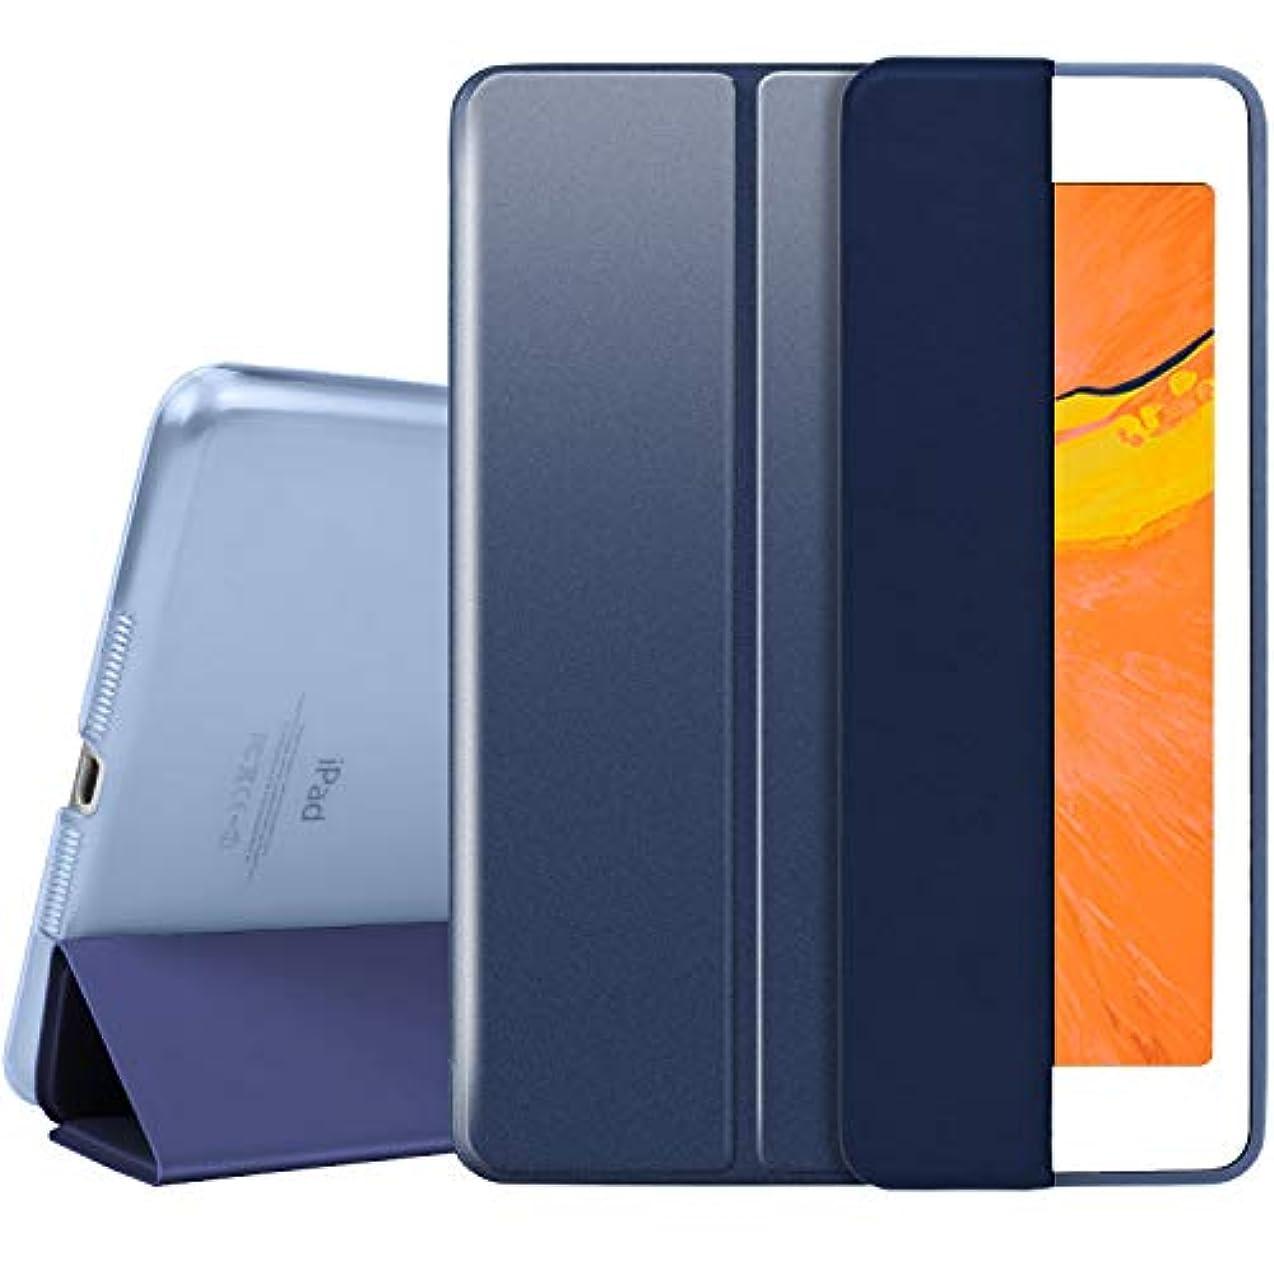 ボランティア虚偽ミサイルUtryit iPad Mini123 ケース タブレットカバー PC 超軽量&超薄型デザイン スタンド 三つ折タイプ[Mini123 ケース+ギフト]対応 (モデル番号A1432、A1454、A1455、A1489、A1490、A1491、A1599、A1600、A1601)-深い青